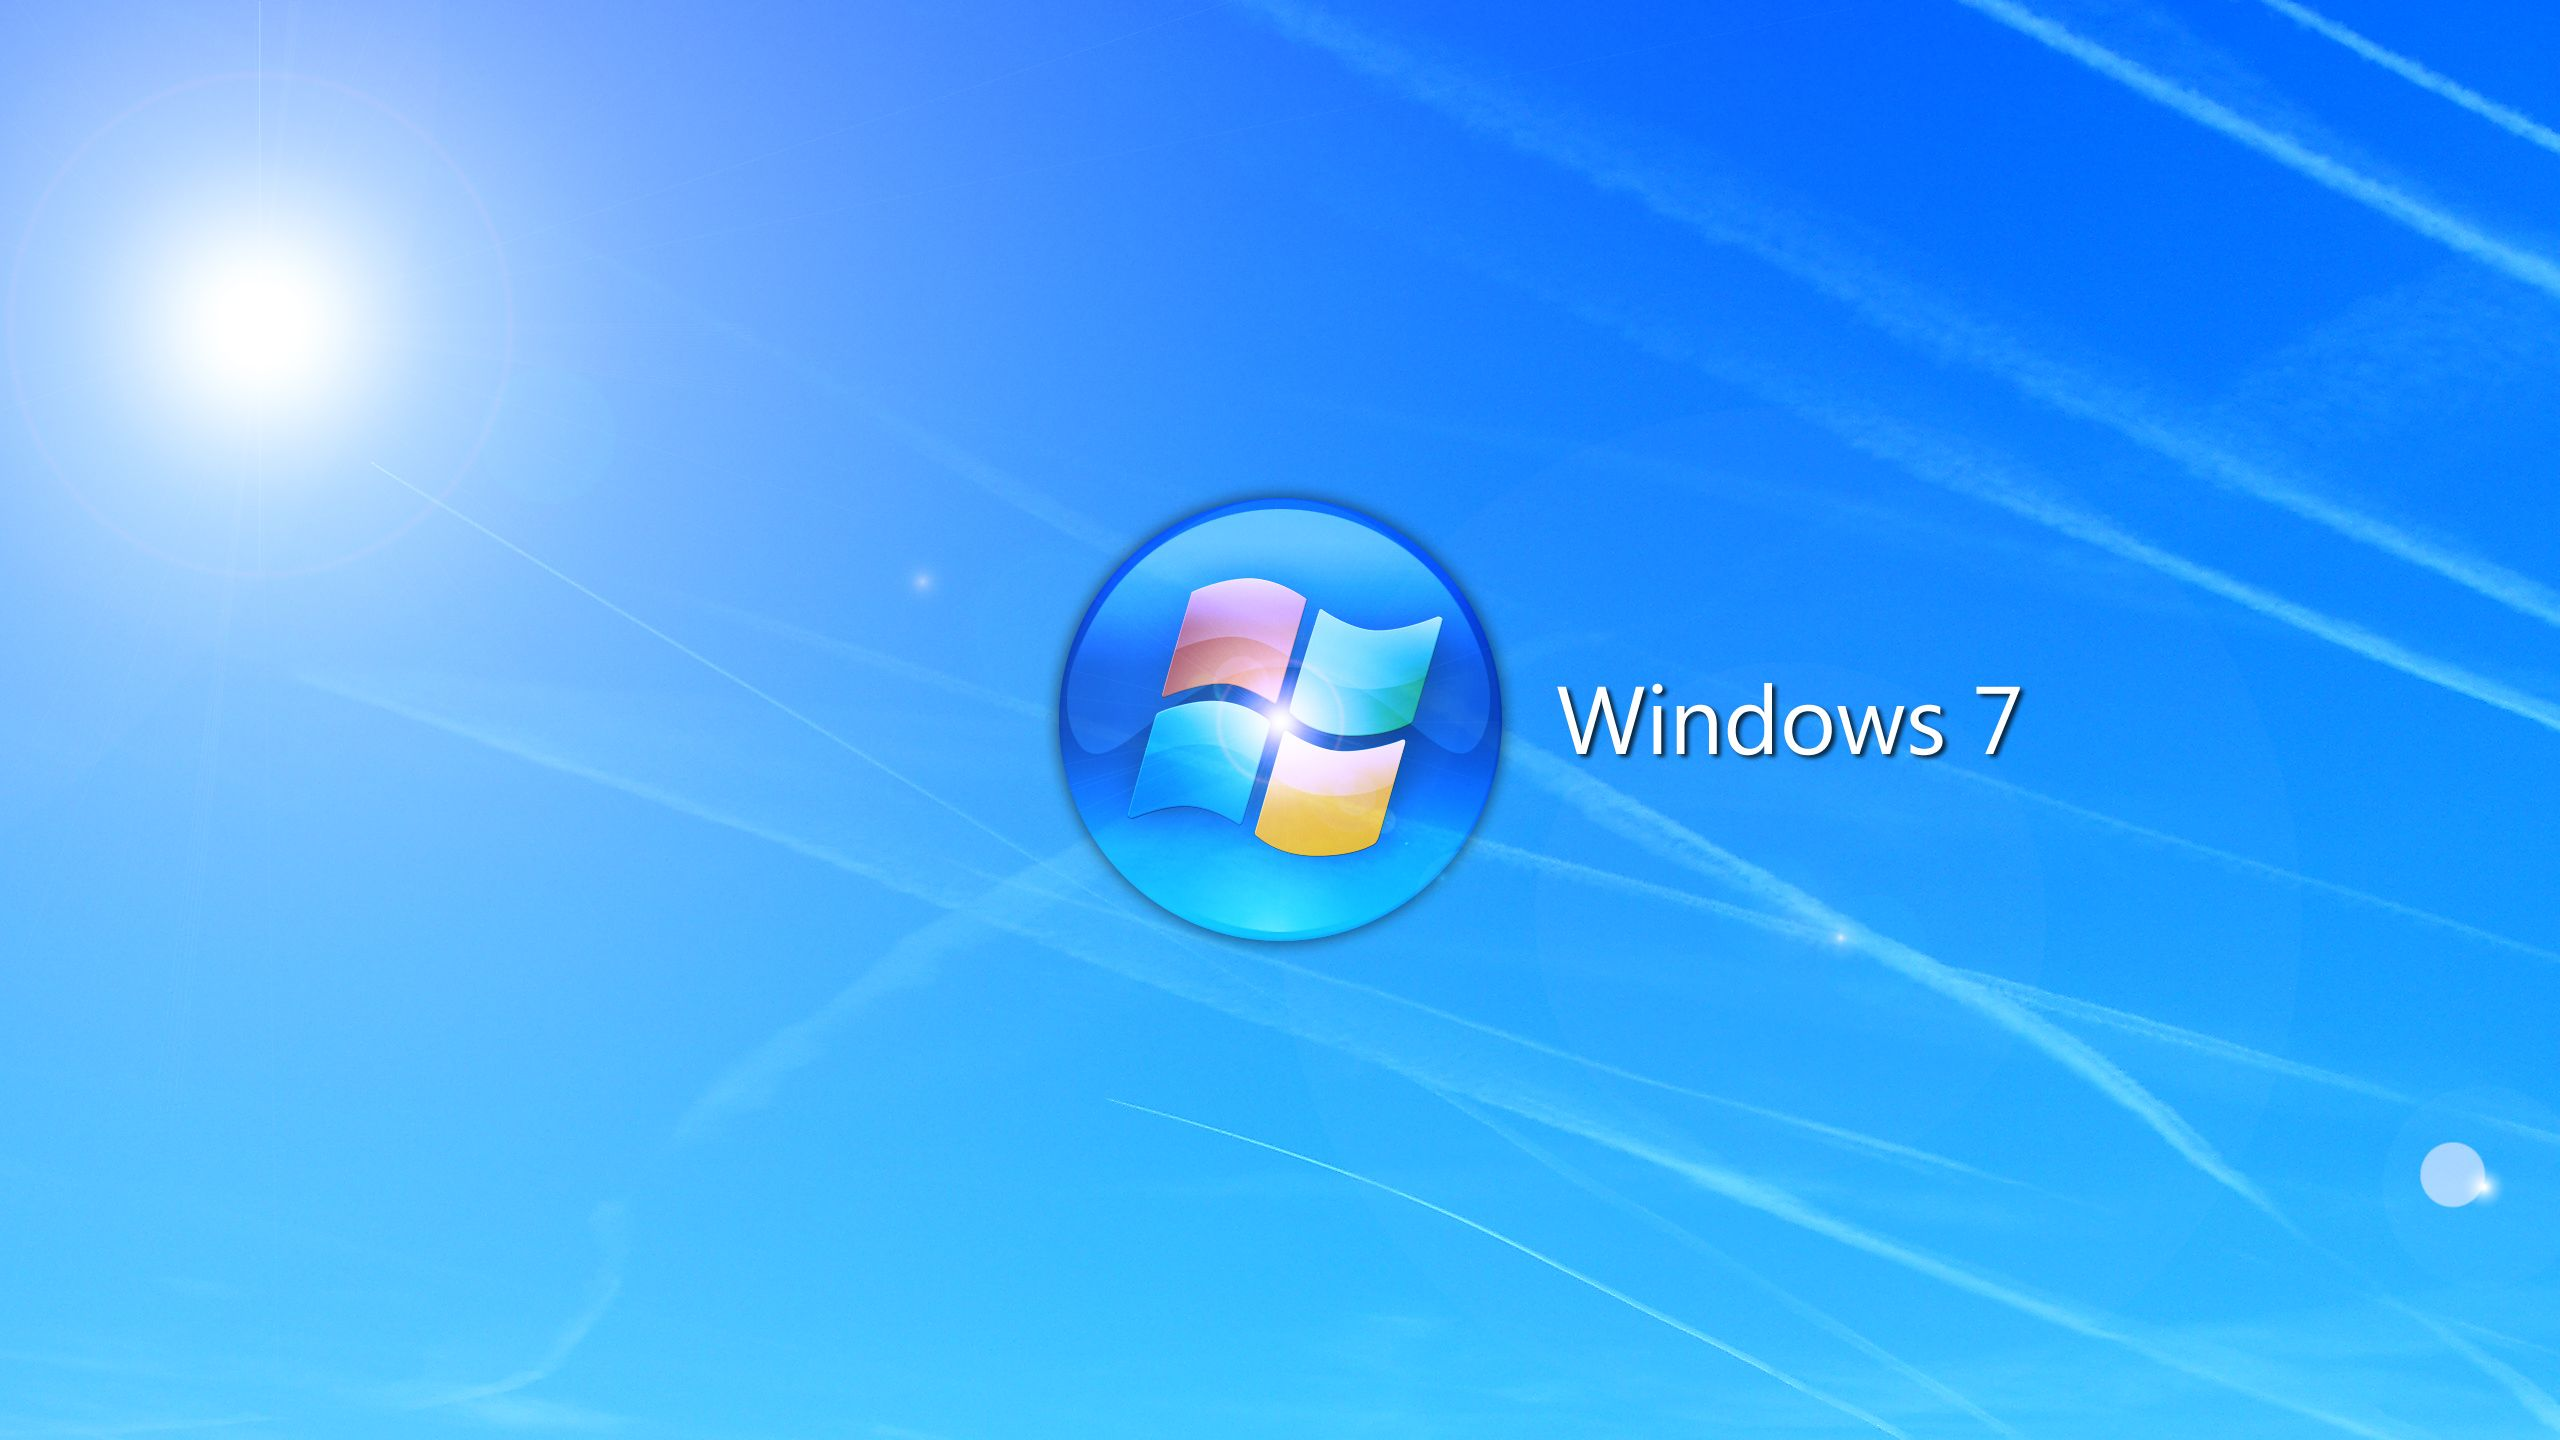 Установка Обоев На Рабочий Стол Windows 7